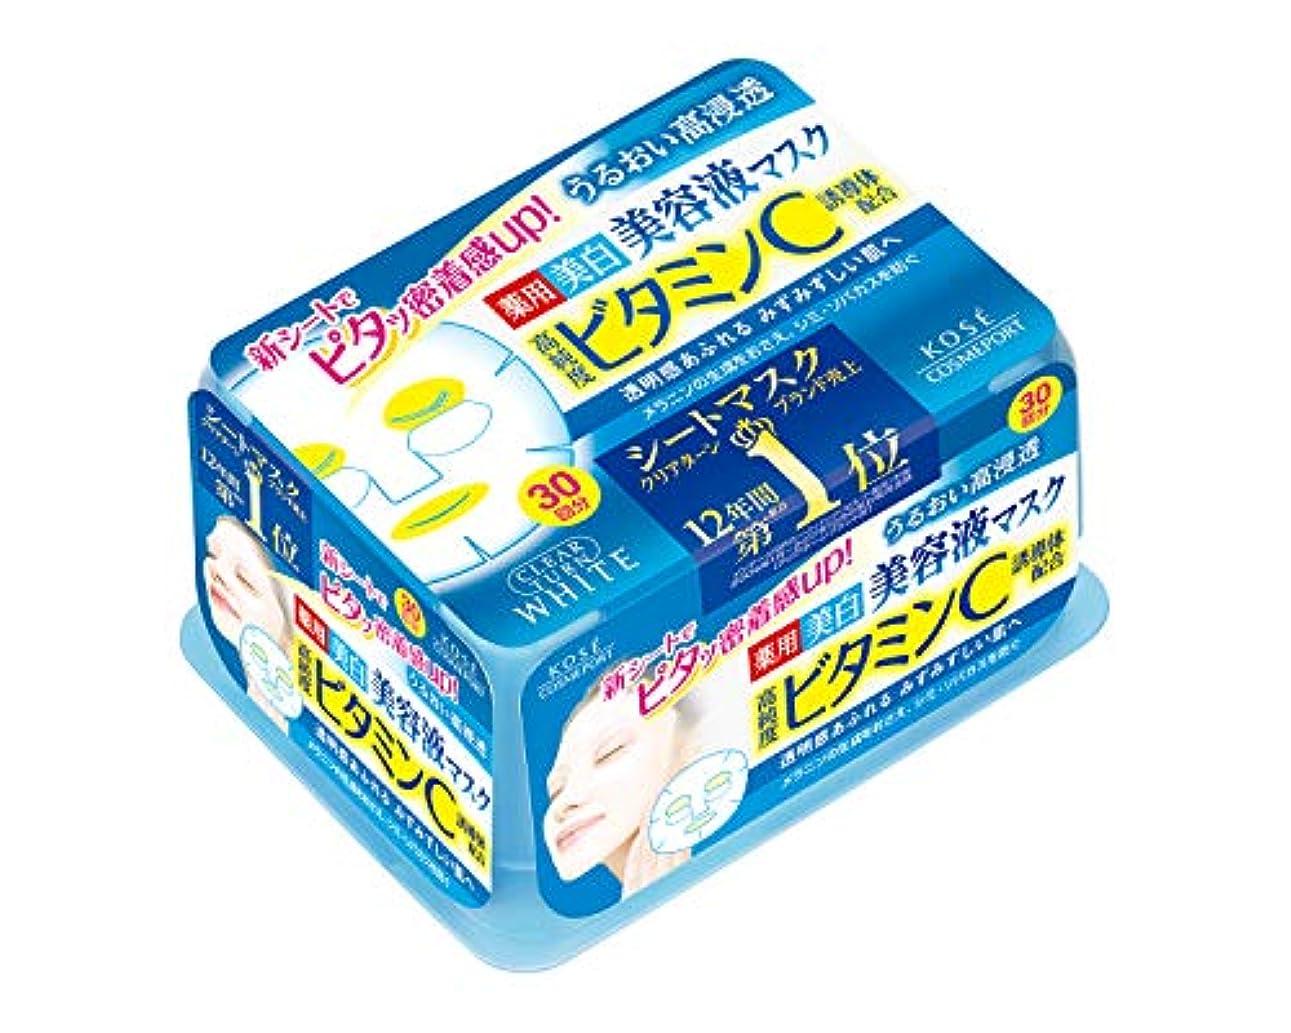 申込み急いでハチKOSE クリアターン エッセンスマスク (ビタミンC) 30回分